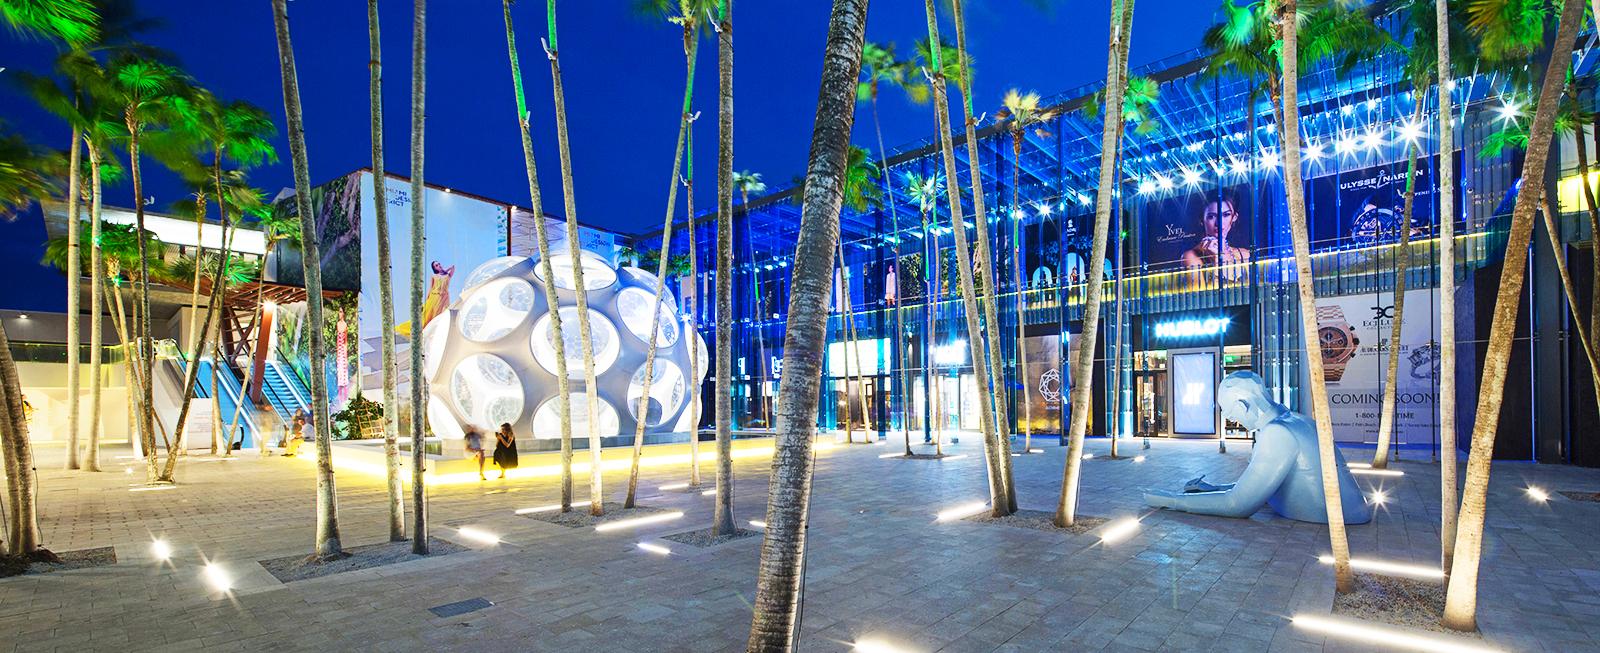 Miami se positionne sur la scène de la mode aux Etats-Unis